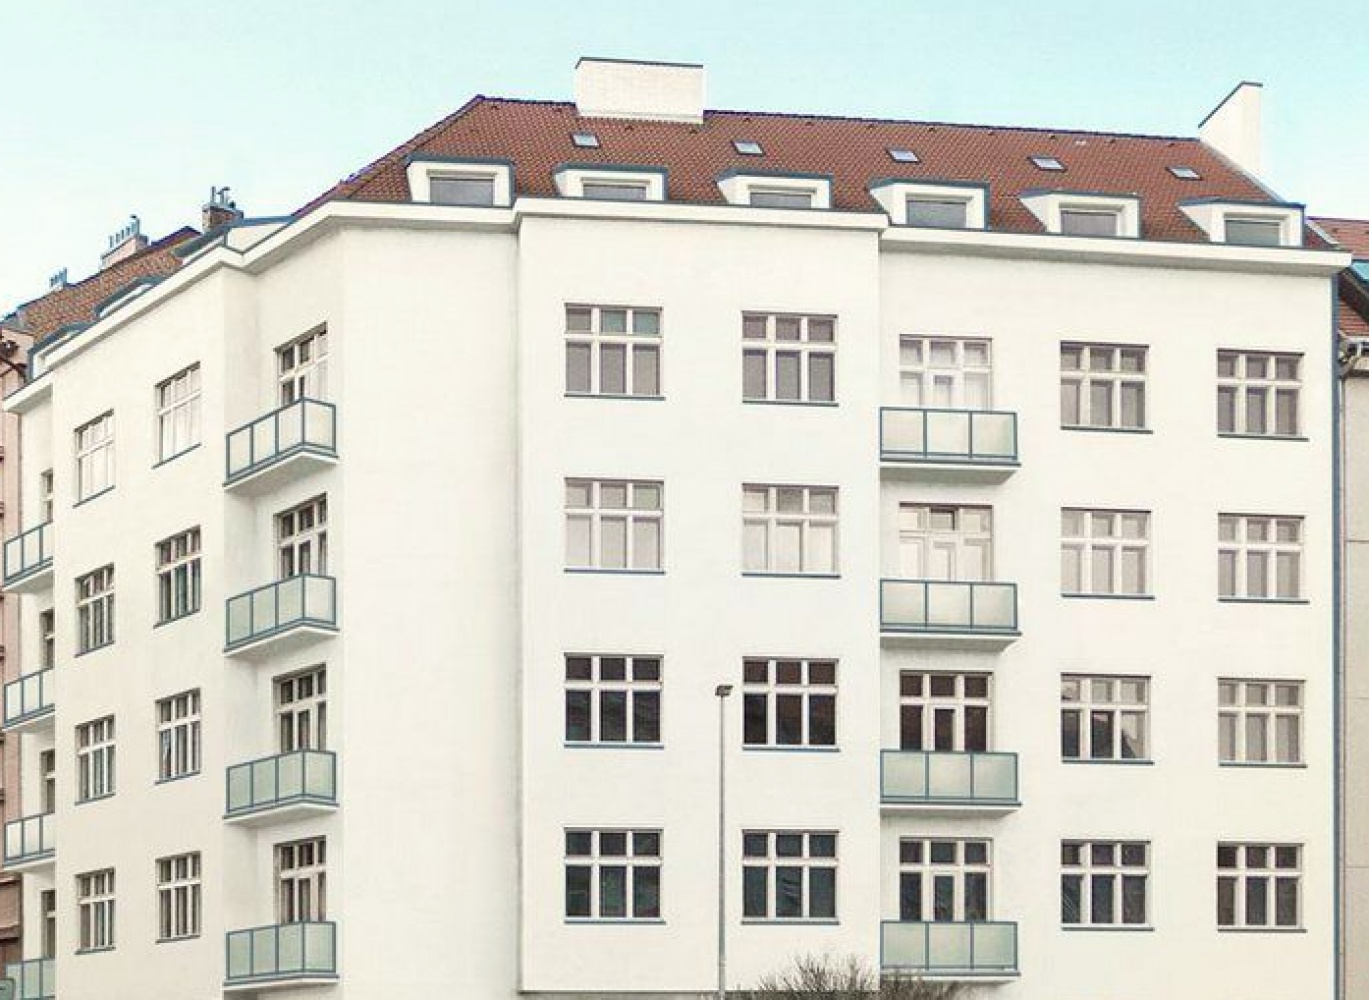 Vizualizace domu - developerský projekt Dejvice, ulice Wuchterlova, Praha 6 - Dejvice | 1